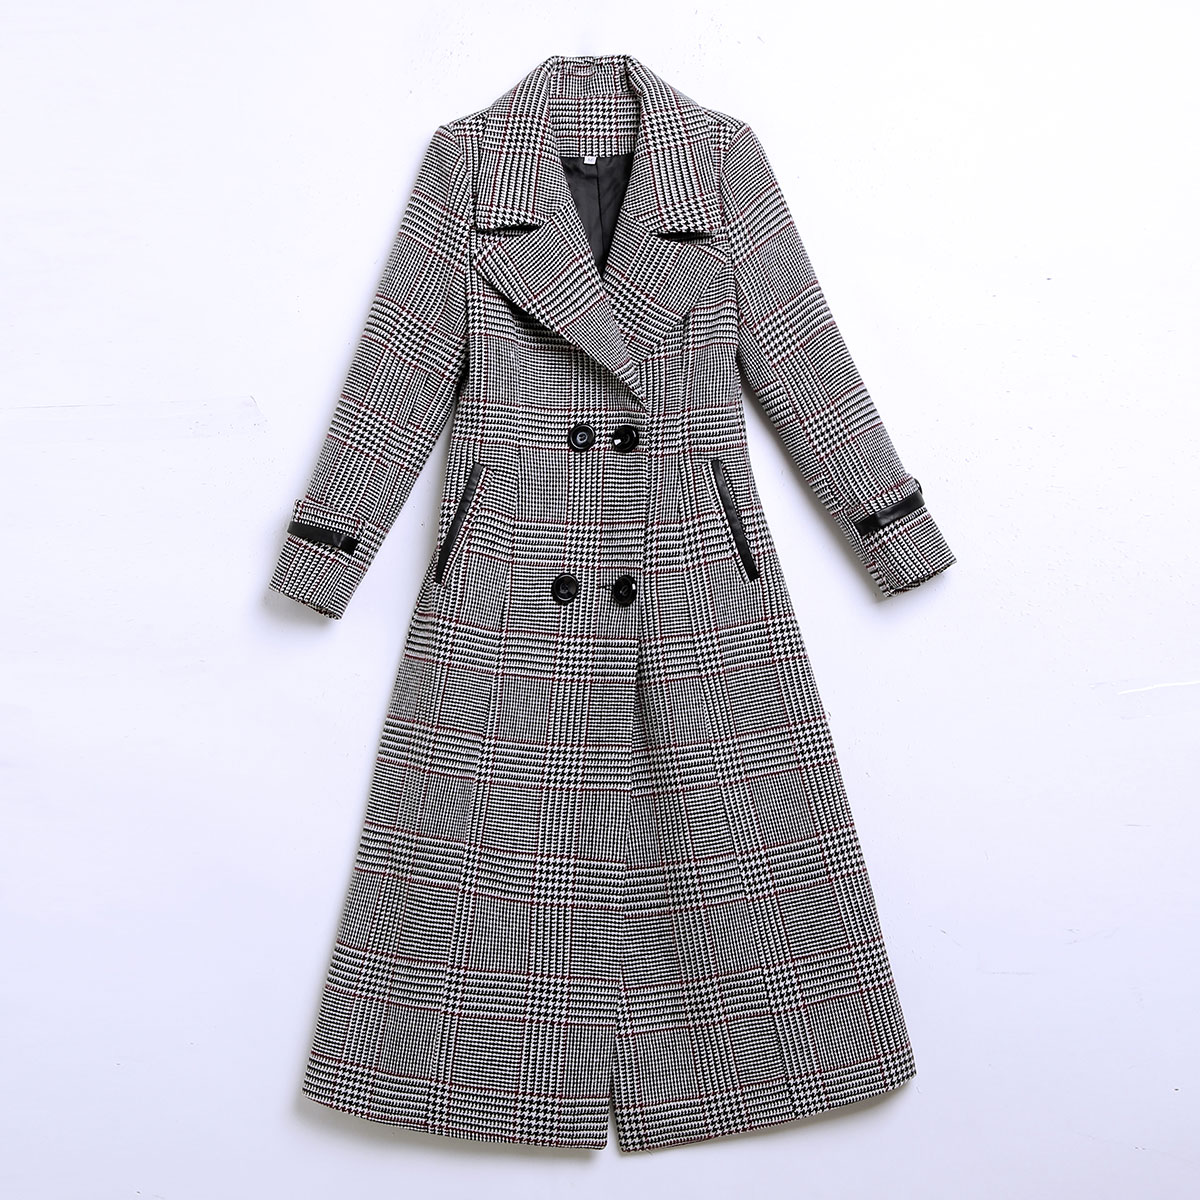 Maid Pardessus Le Longueur D'hiver Style Qualité Version Mode De Beige 2018 Nouveau kaki Et Mi Automne gris Treillis jaune Coréenne Femmes Genou Manteau fqTnpw